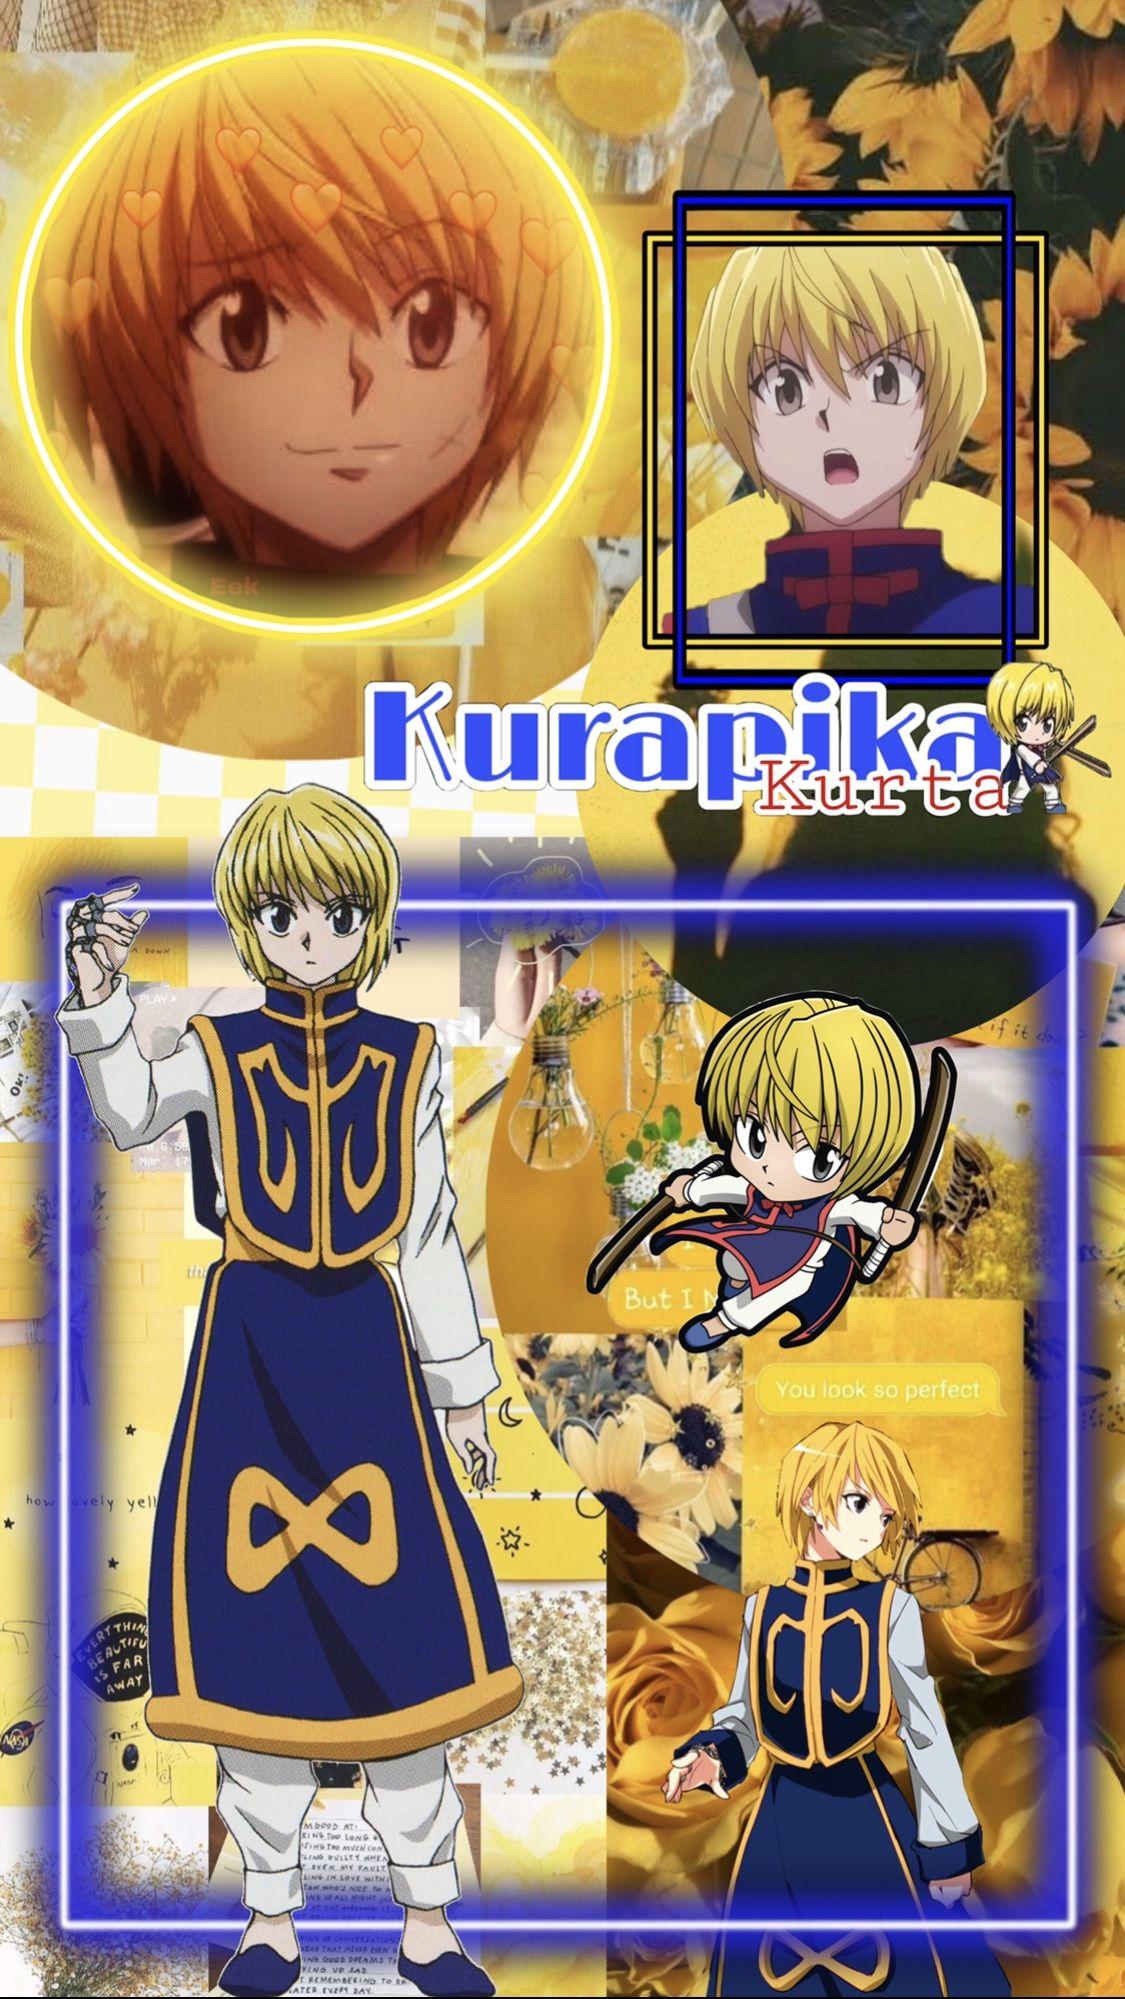 Kurapika Kurtz Wallpaper In 2020 Anime Wallpaper Character Zelda Characters